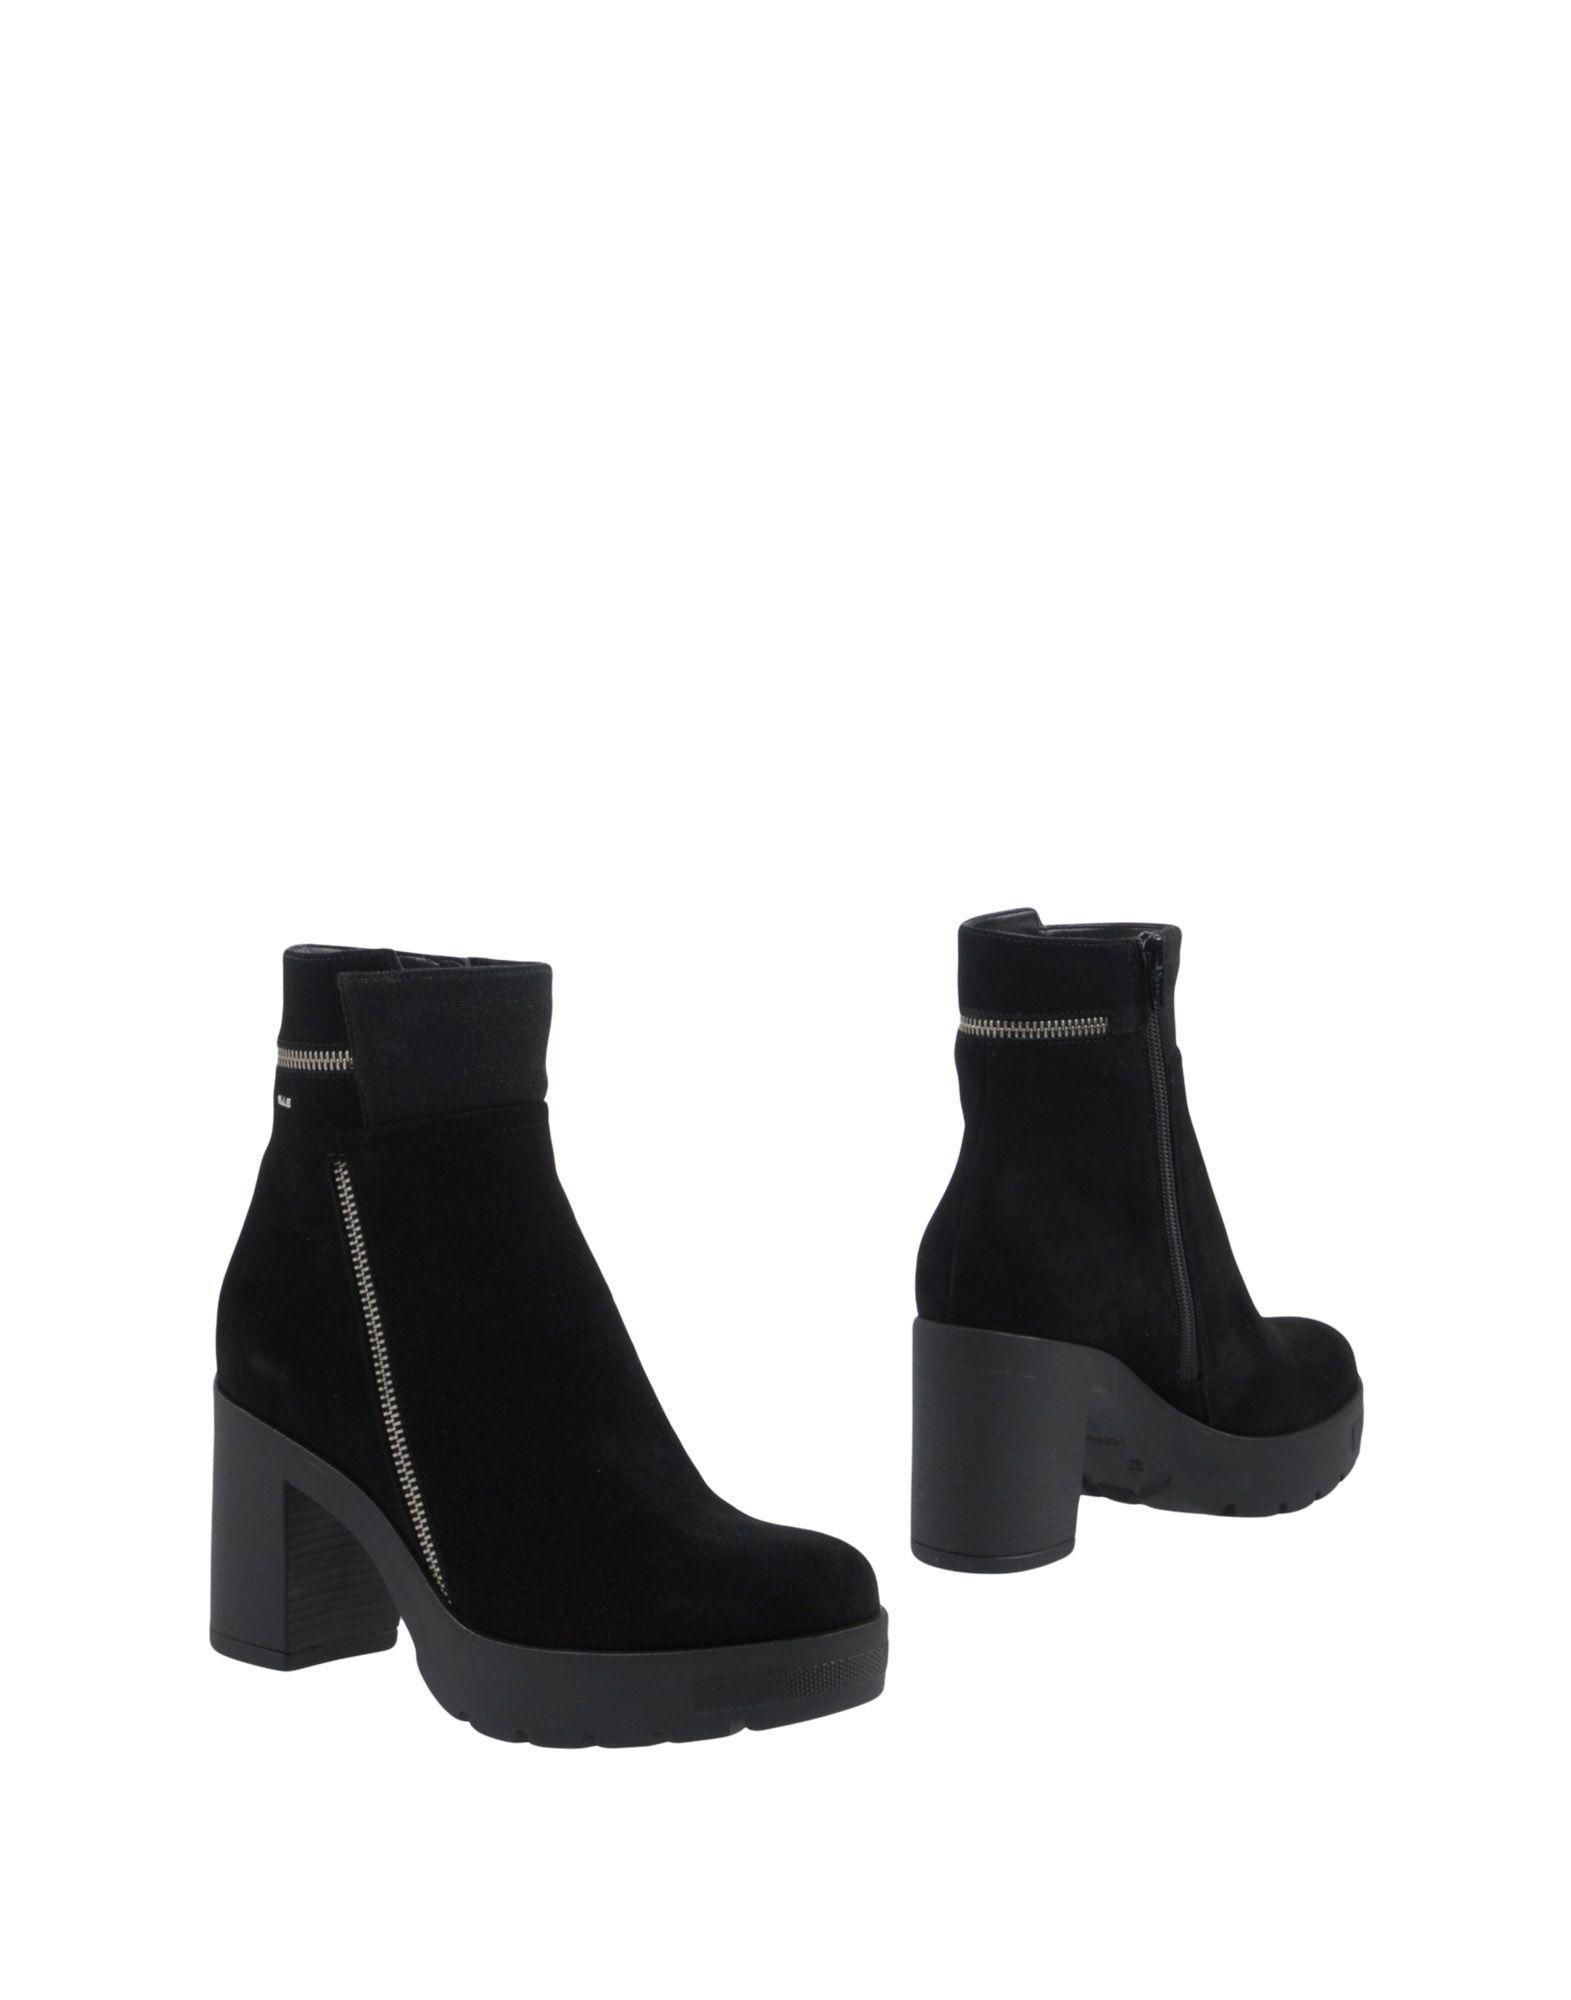 FOOTWEAR - Shoe boots Norma J.Baker naqhuOwzj0